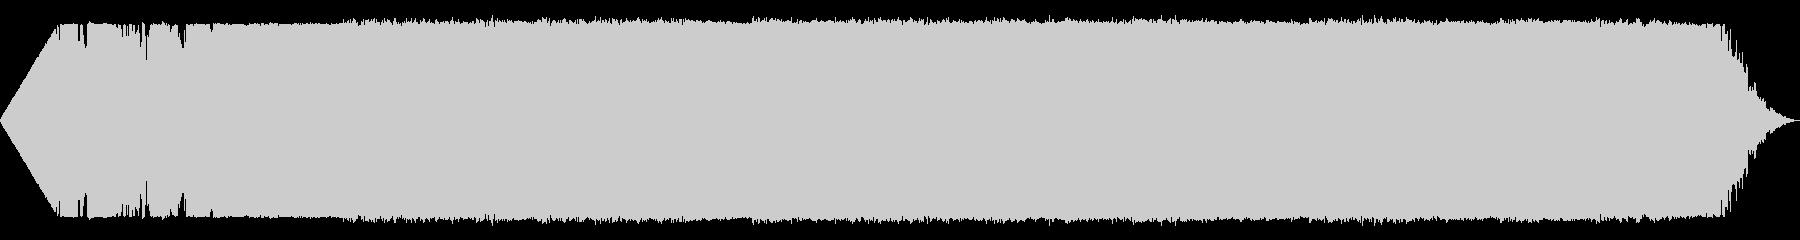 エレクトロニック 静か ハイテク ...の未再生の波形